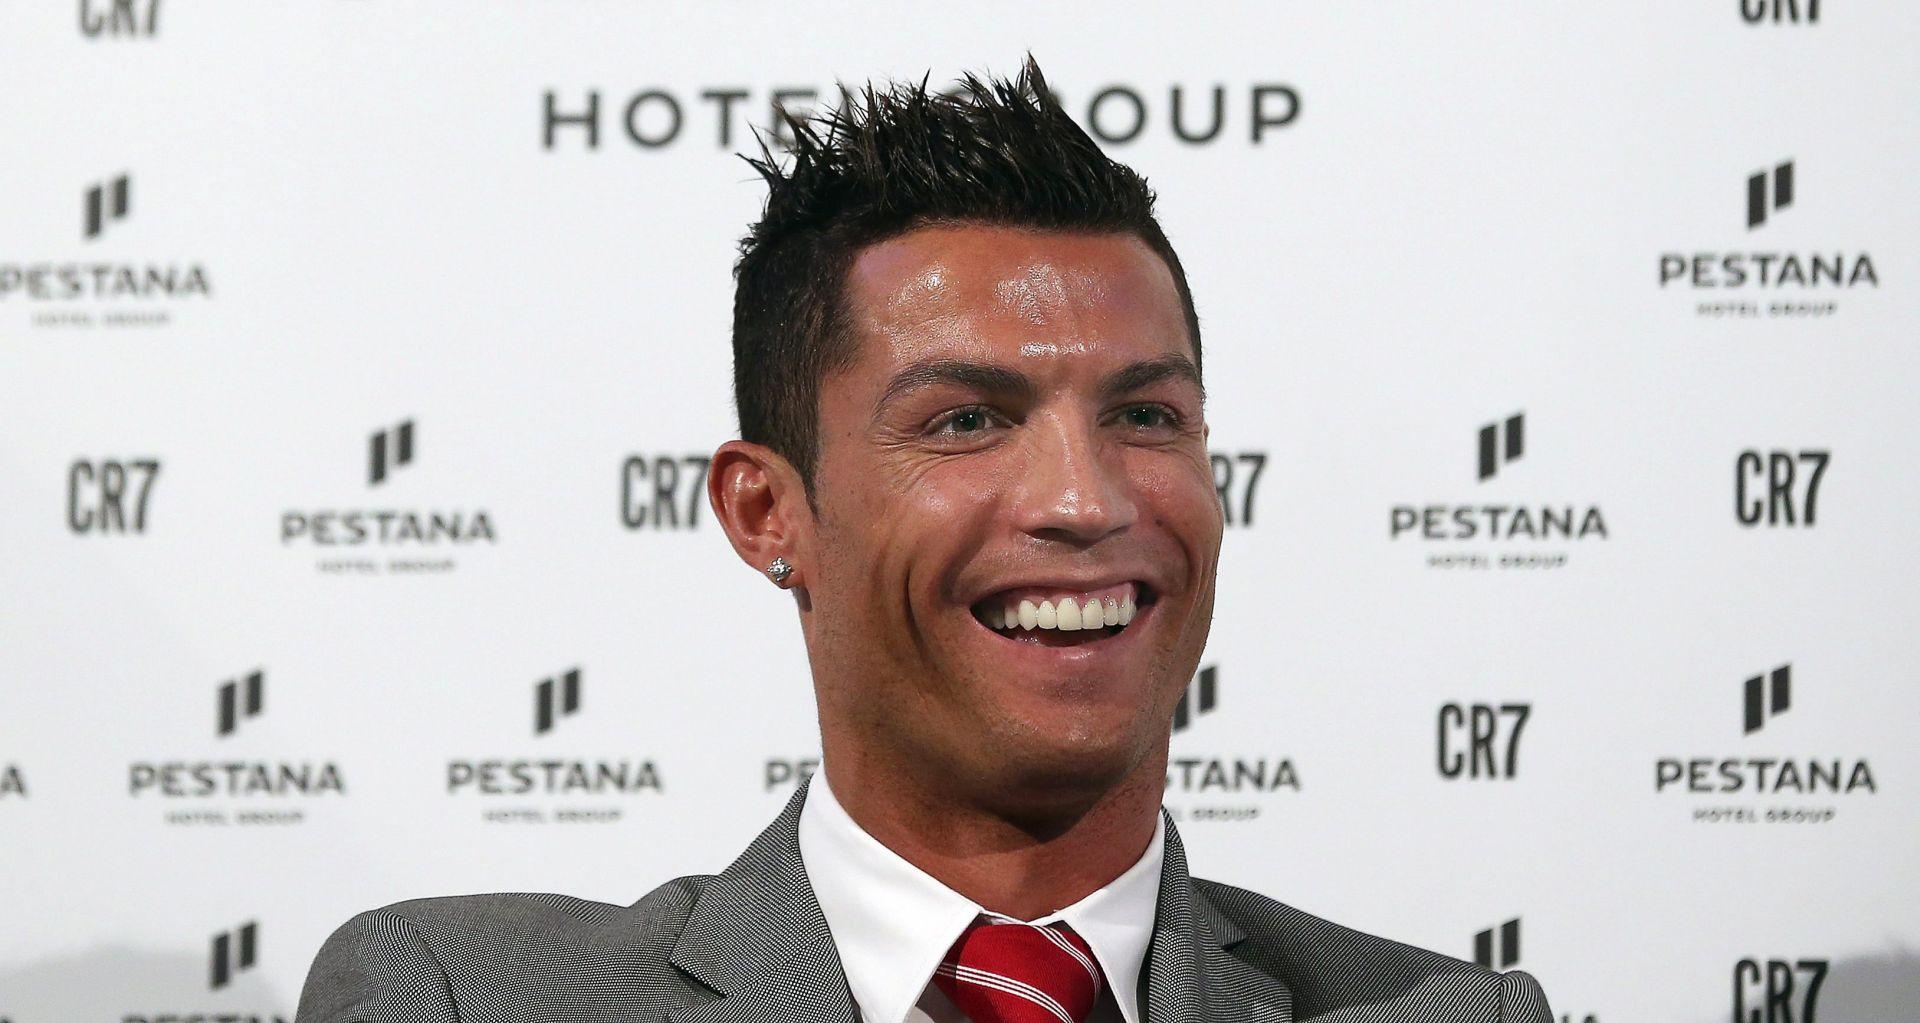 BOŽIĆ U MIAMIJU Cristiano Ronaldo 'dogovara' proširenje obitelji?